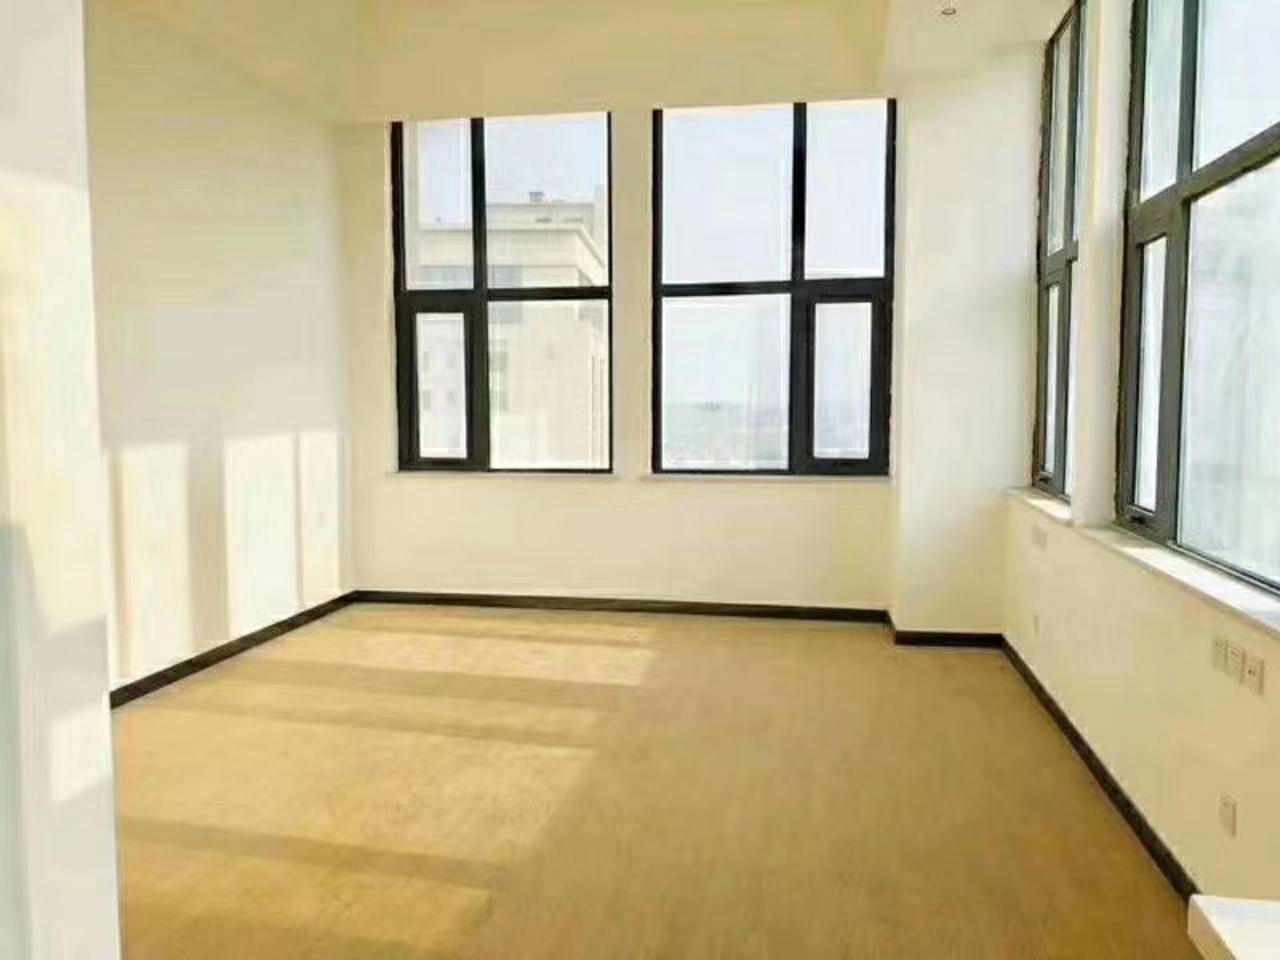 米克空间3室 1厅 1卫10万元